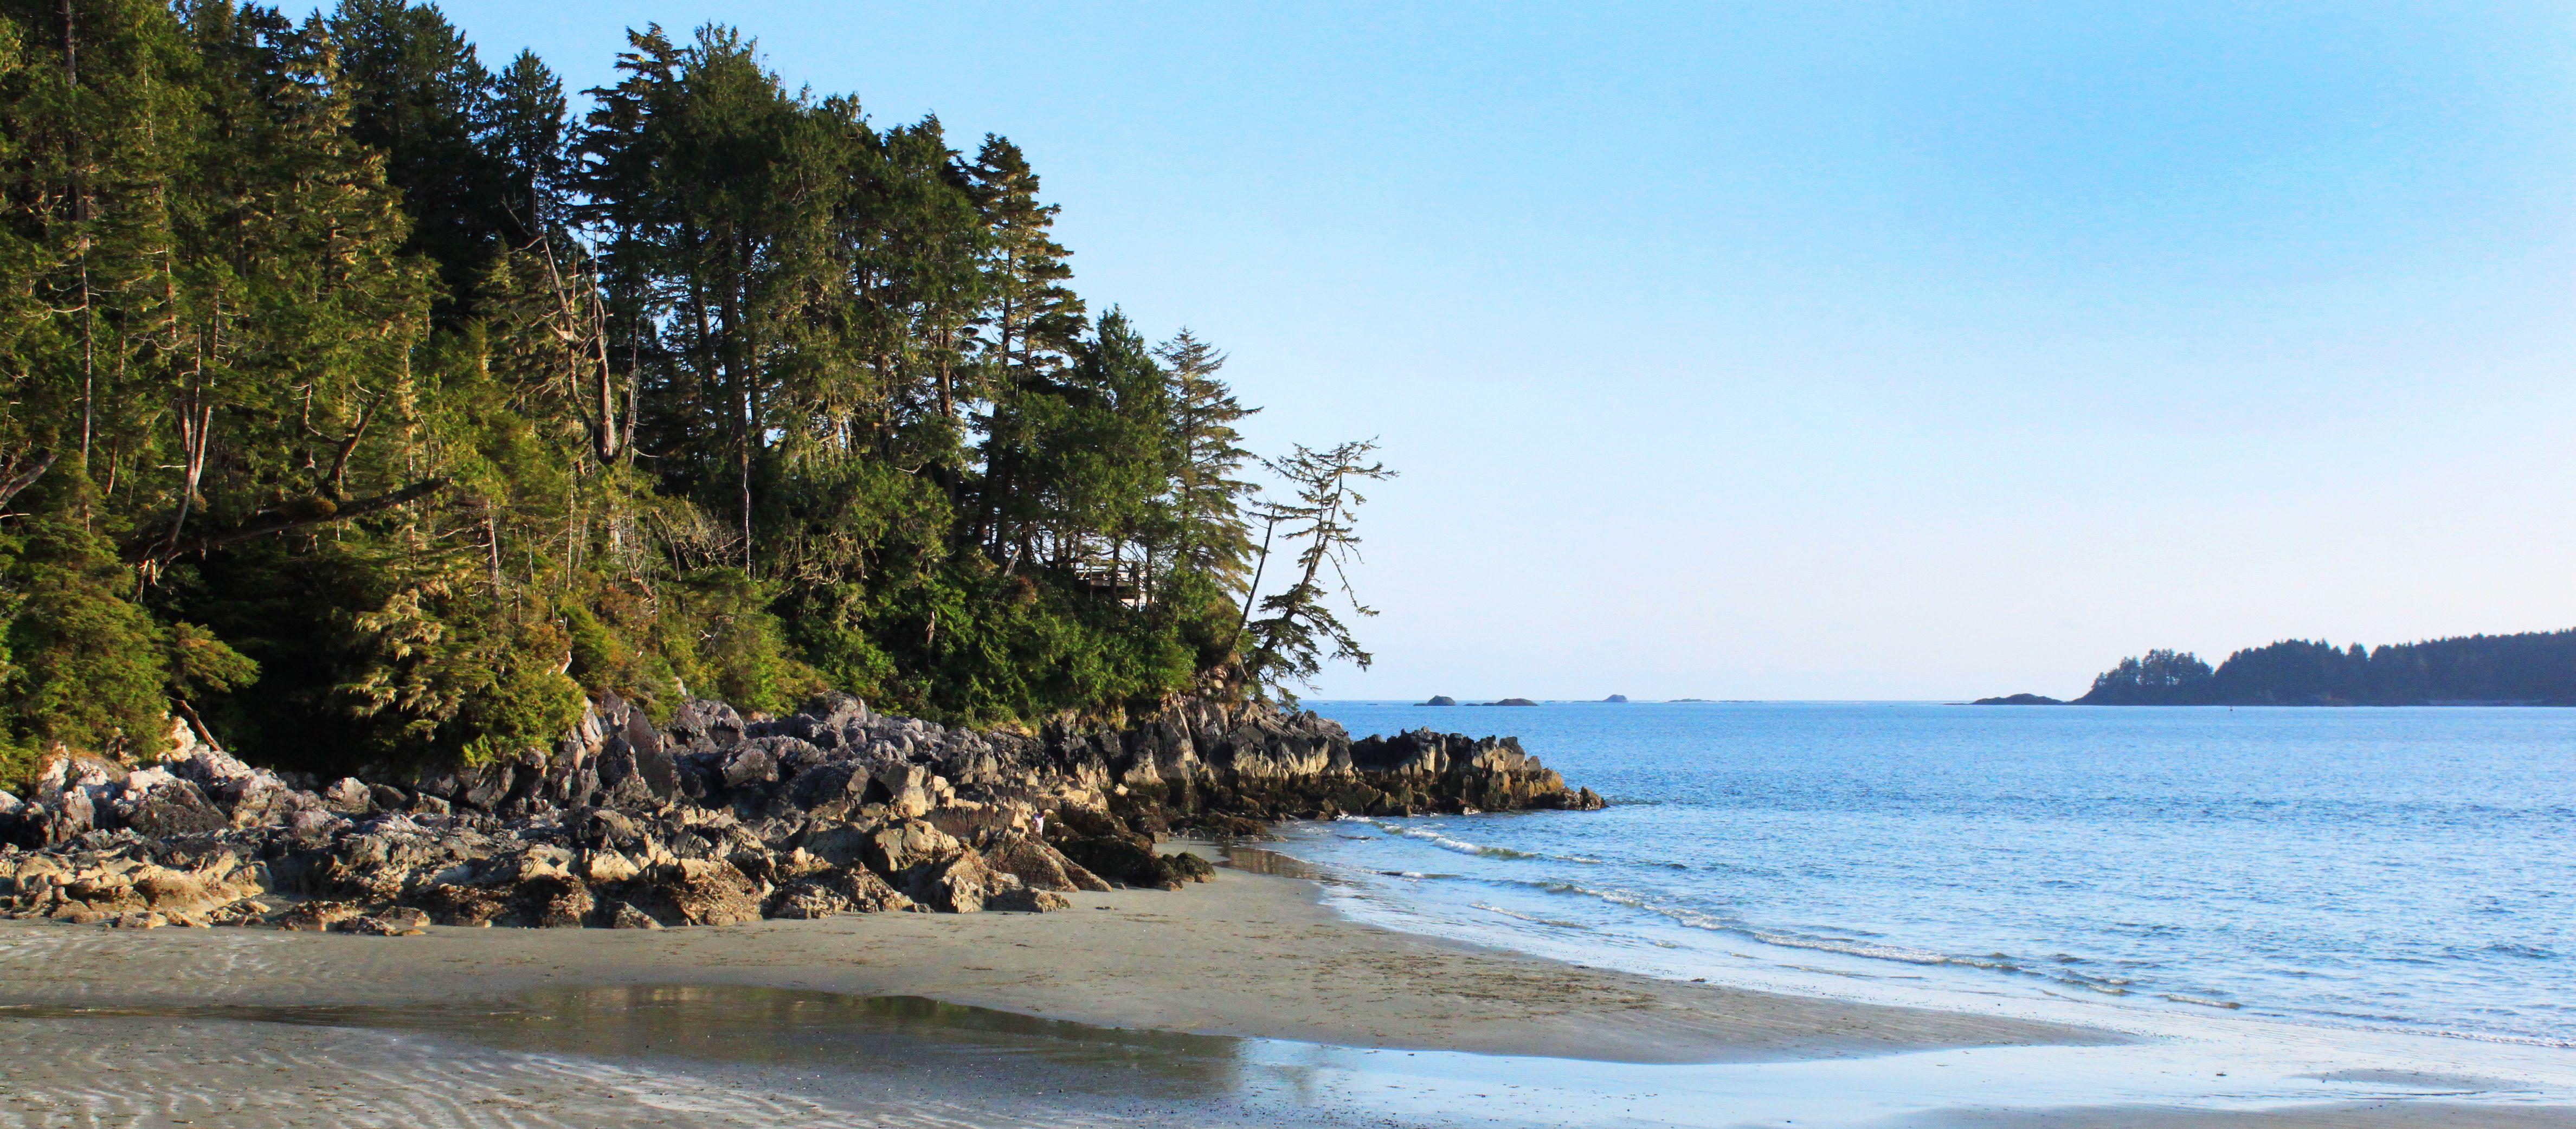 Tonquin Beach auf VAncouver Island, British Columbia